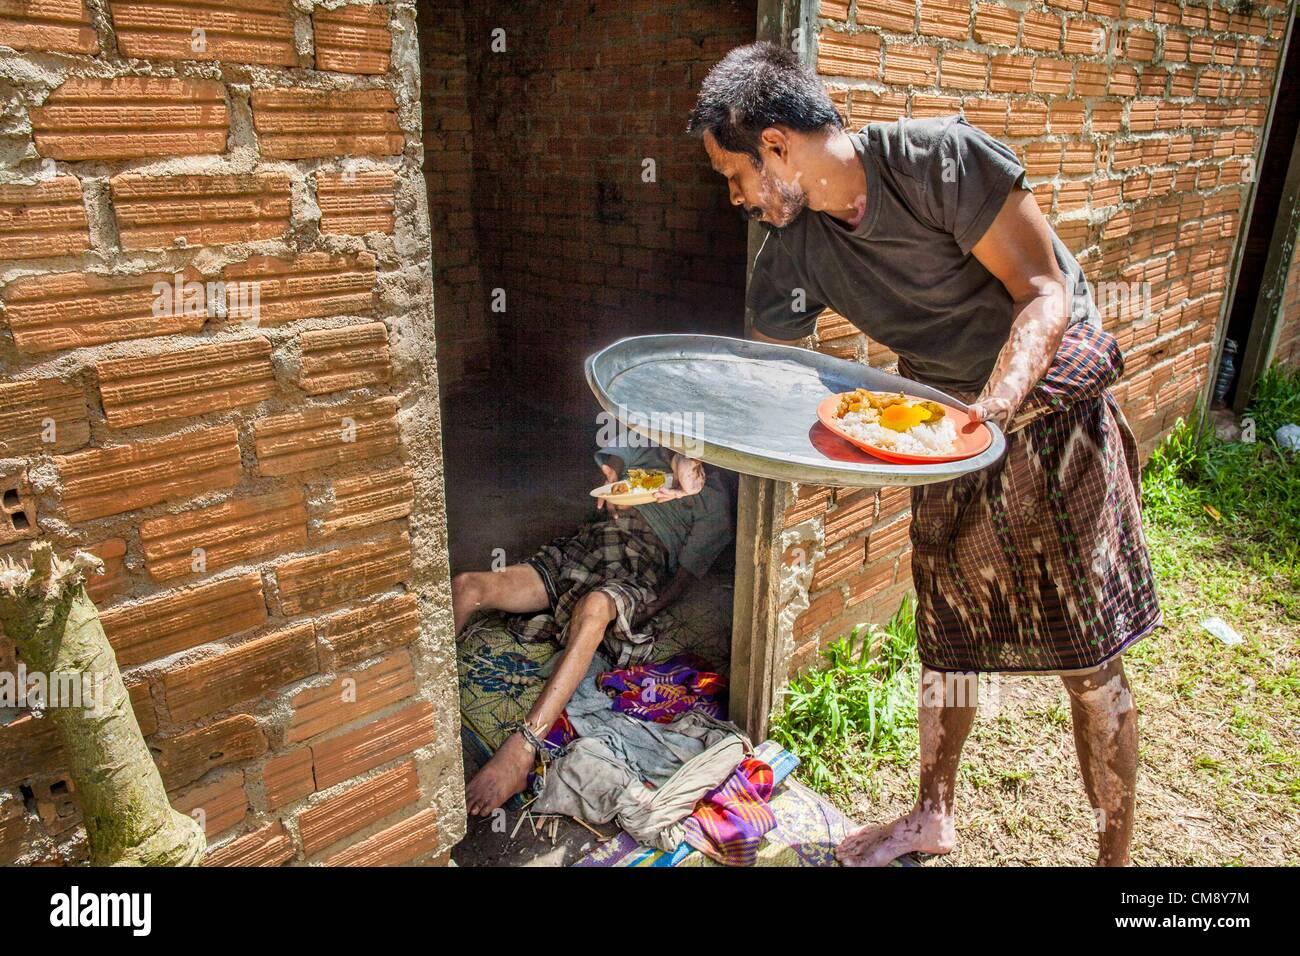 Ottobre 29, 2012 - Mayo, Pattani, Tailandia - un fiduciario porta il cibo per un ammanettato residente presso il Immagini Stock